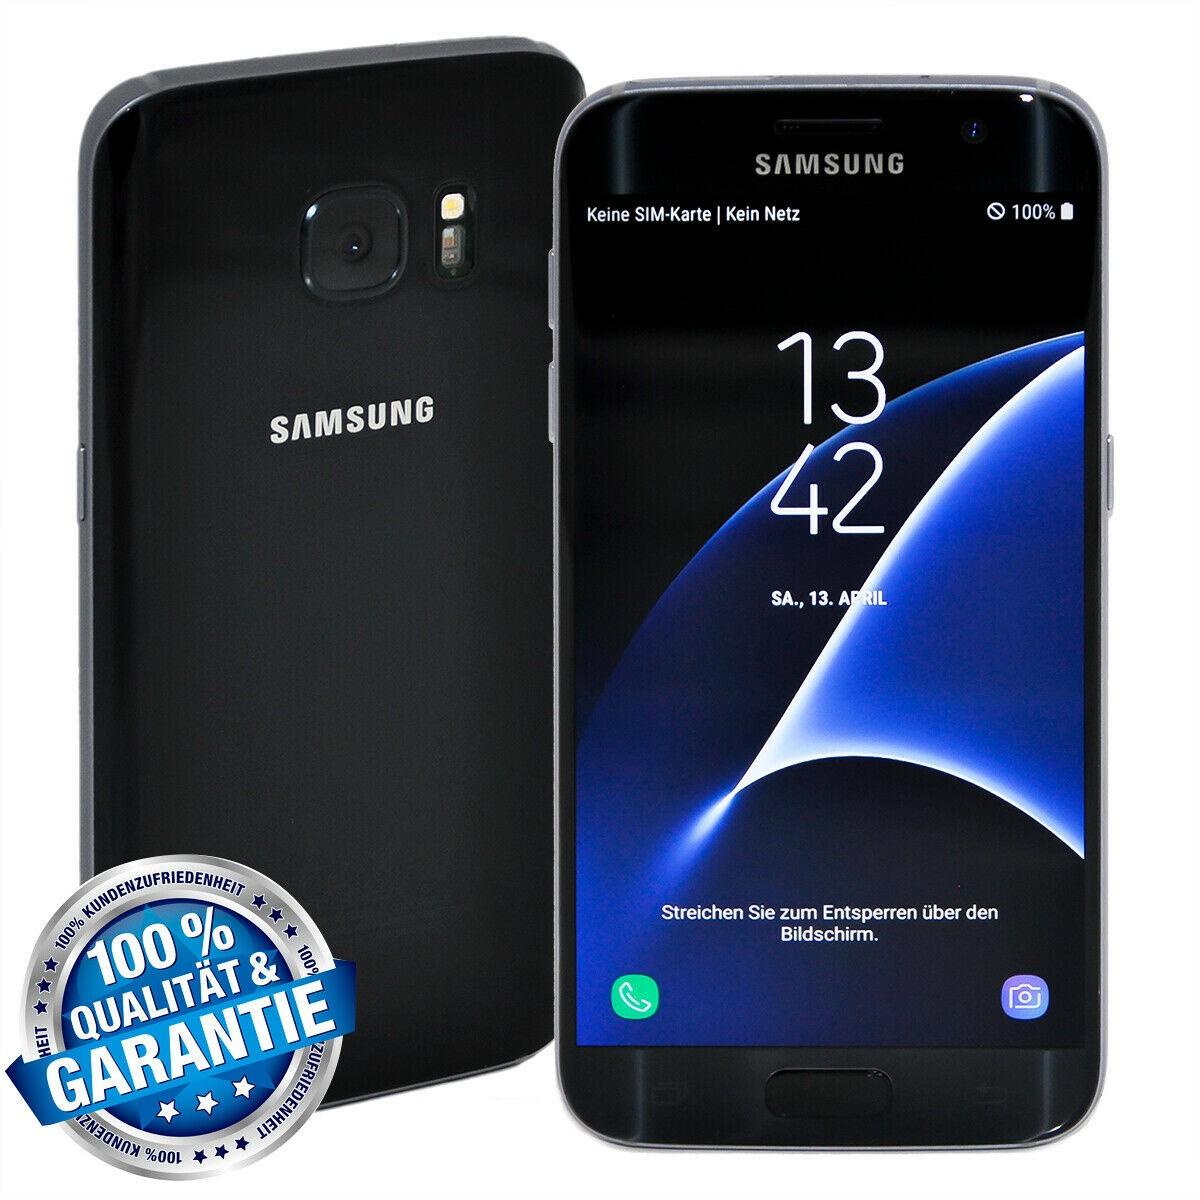 Gebrauchtes Smartphone Samsung Galaxy S7 Gunstig Eu Computer Alexander Geier Walter Stoll Gbr